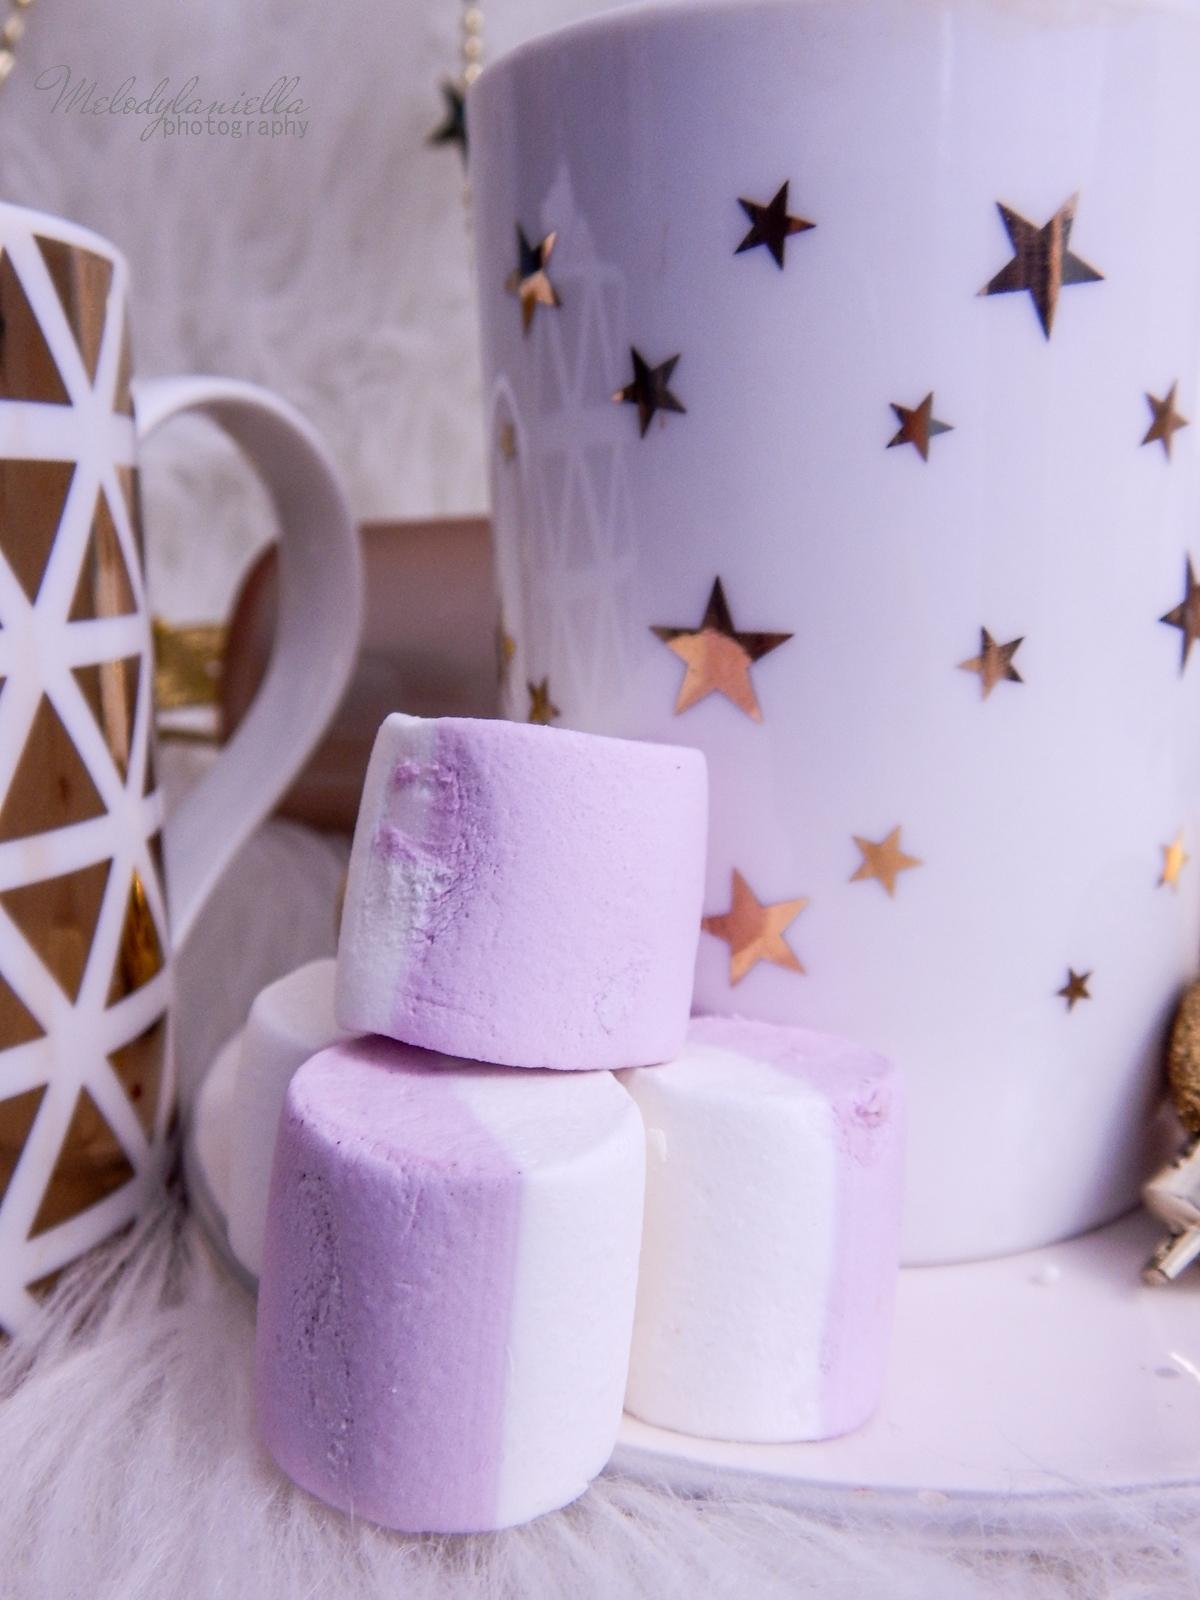 16  przepis na domową gorącą czekoladę świąteczne zimowe napoje ciekawe slodycze na Boże Narodzenie karnawal Sylwestra imprezy pianki jojo melodylaniella  slodkosci